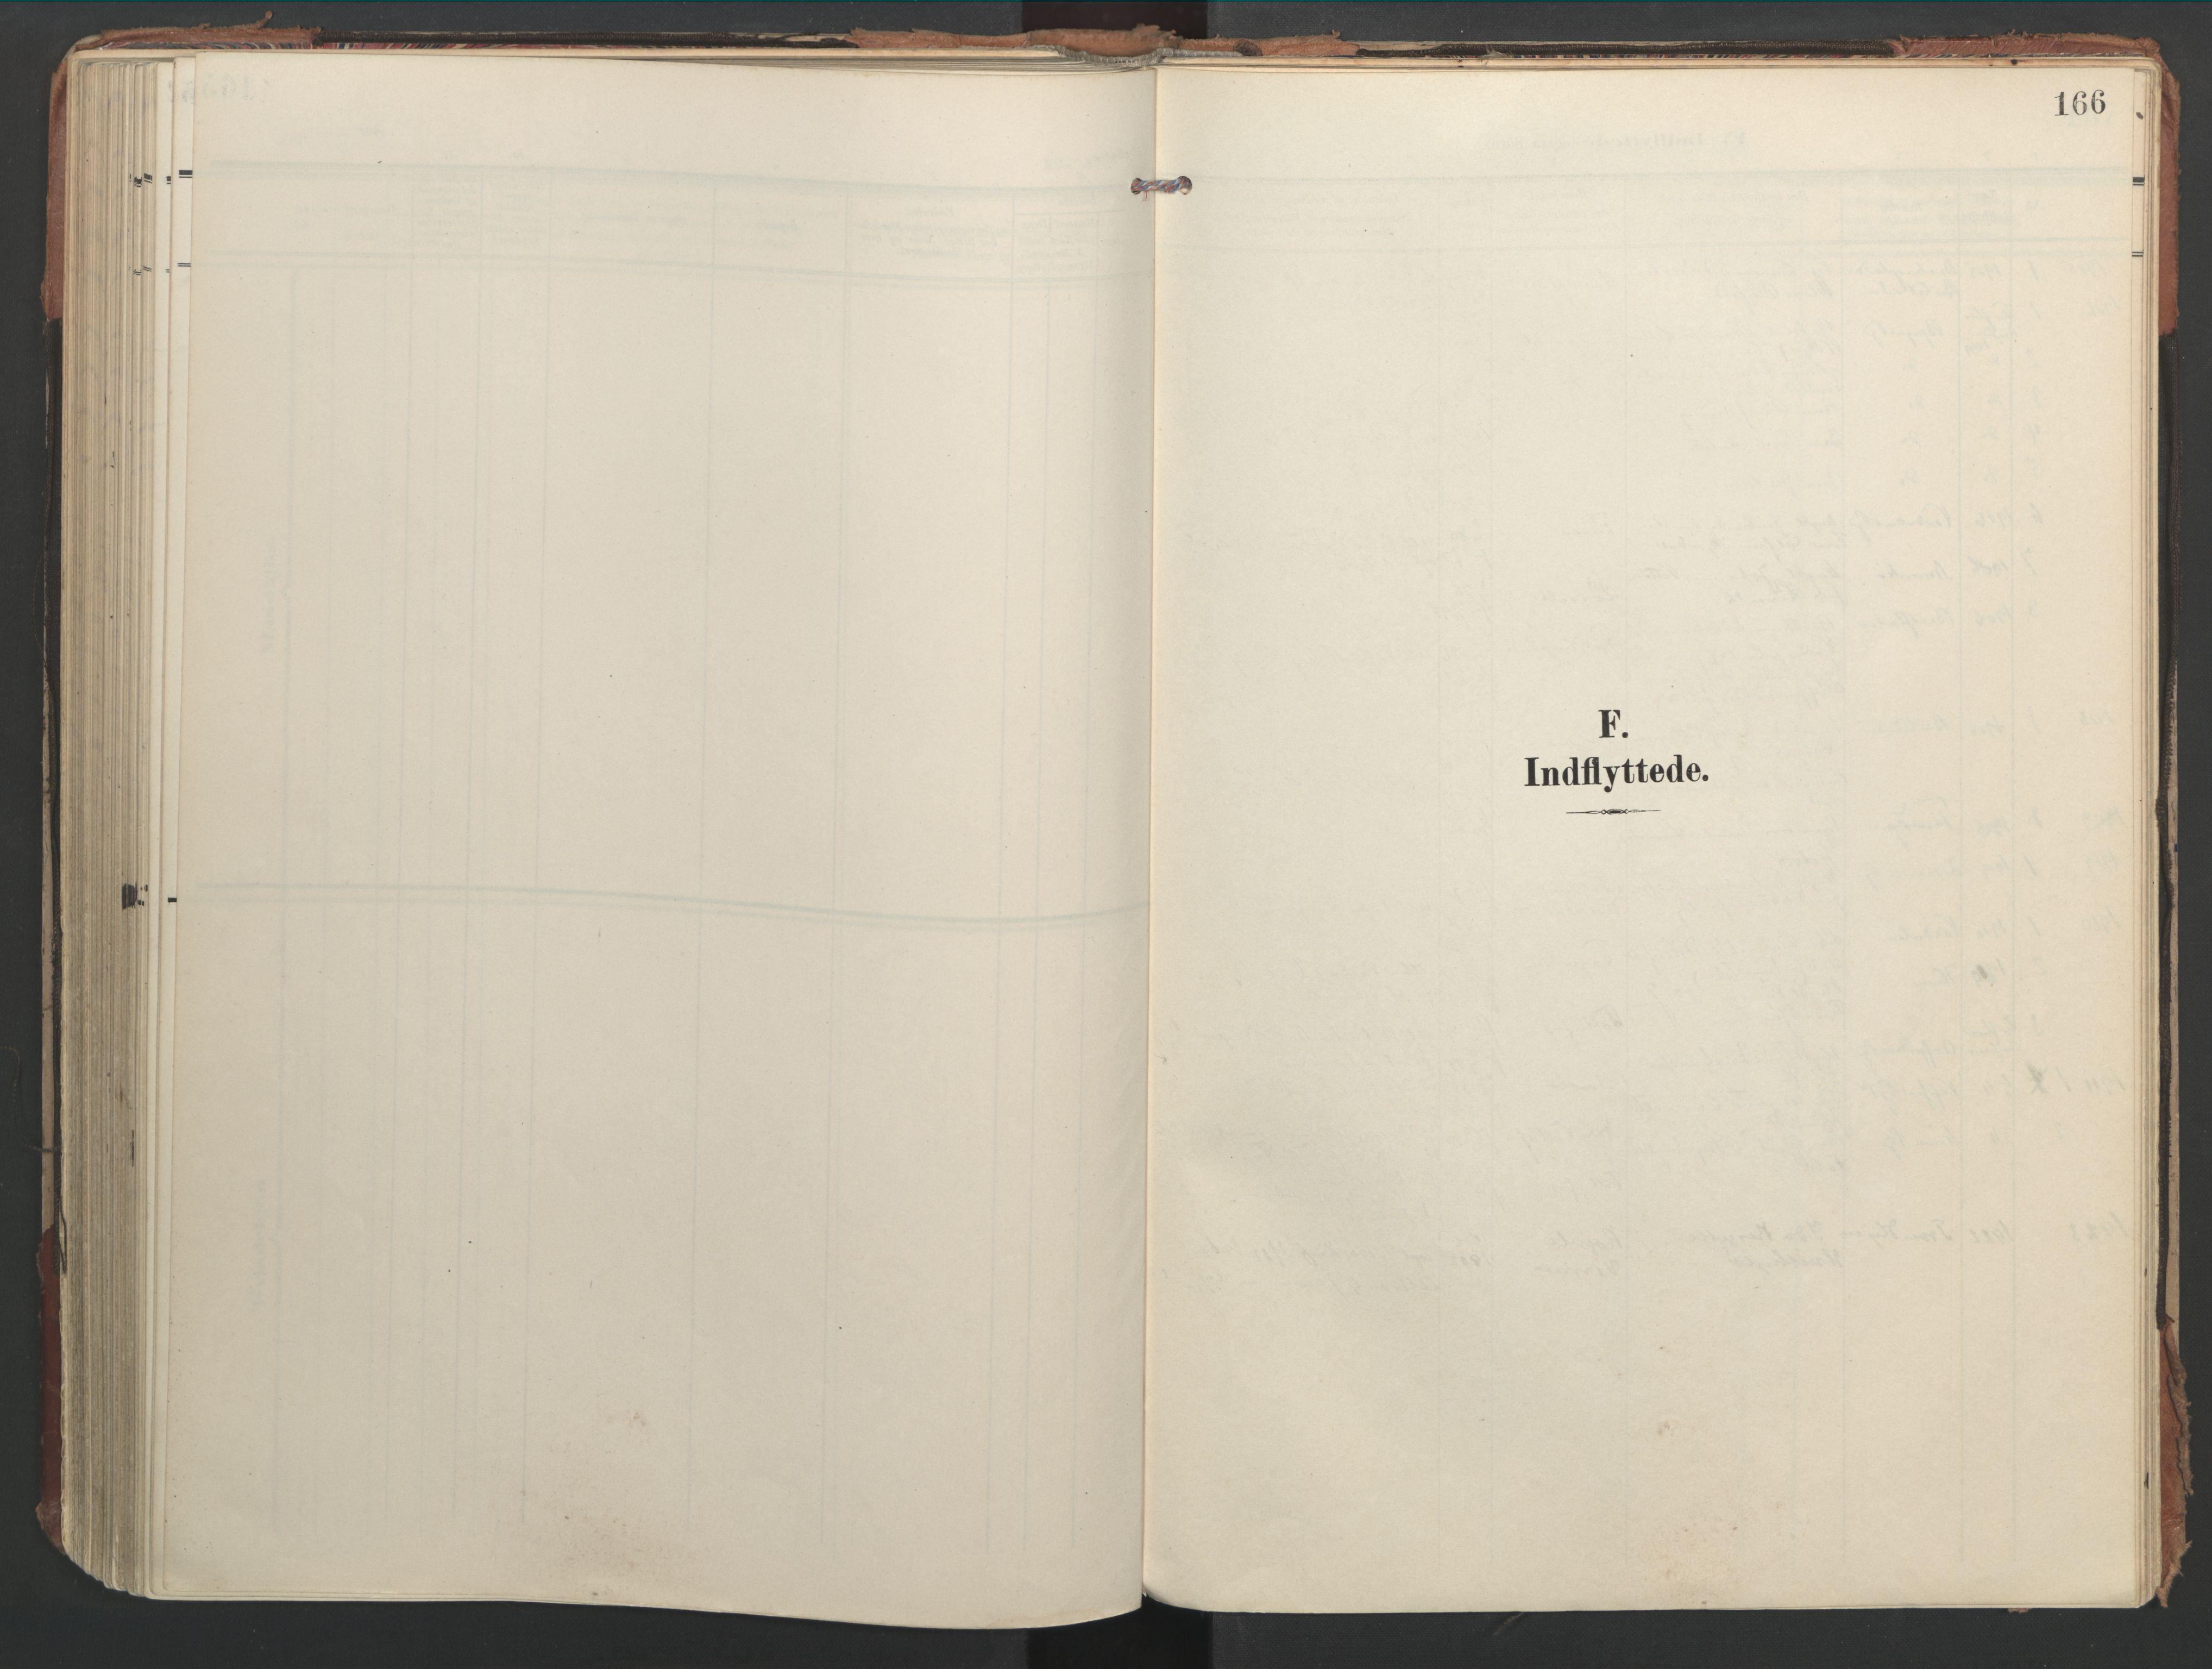 SAT, Ministerialprotokoller, klokkerbøker og fødselsregistre - Nord-Trøndelag, 744/L0421: Ministerialbok nr. 744A05, 1905-1930, s. 166